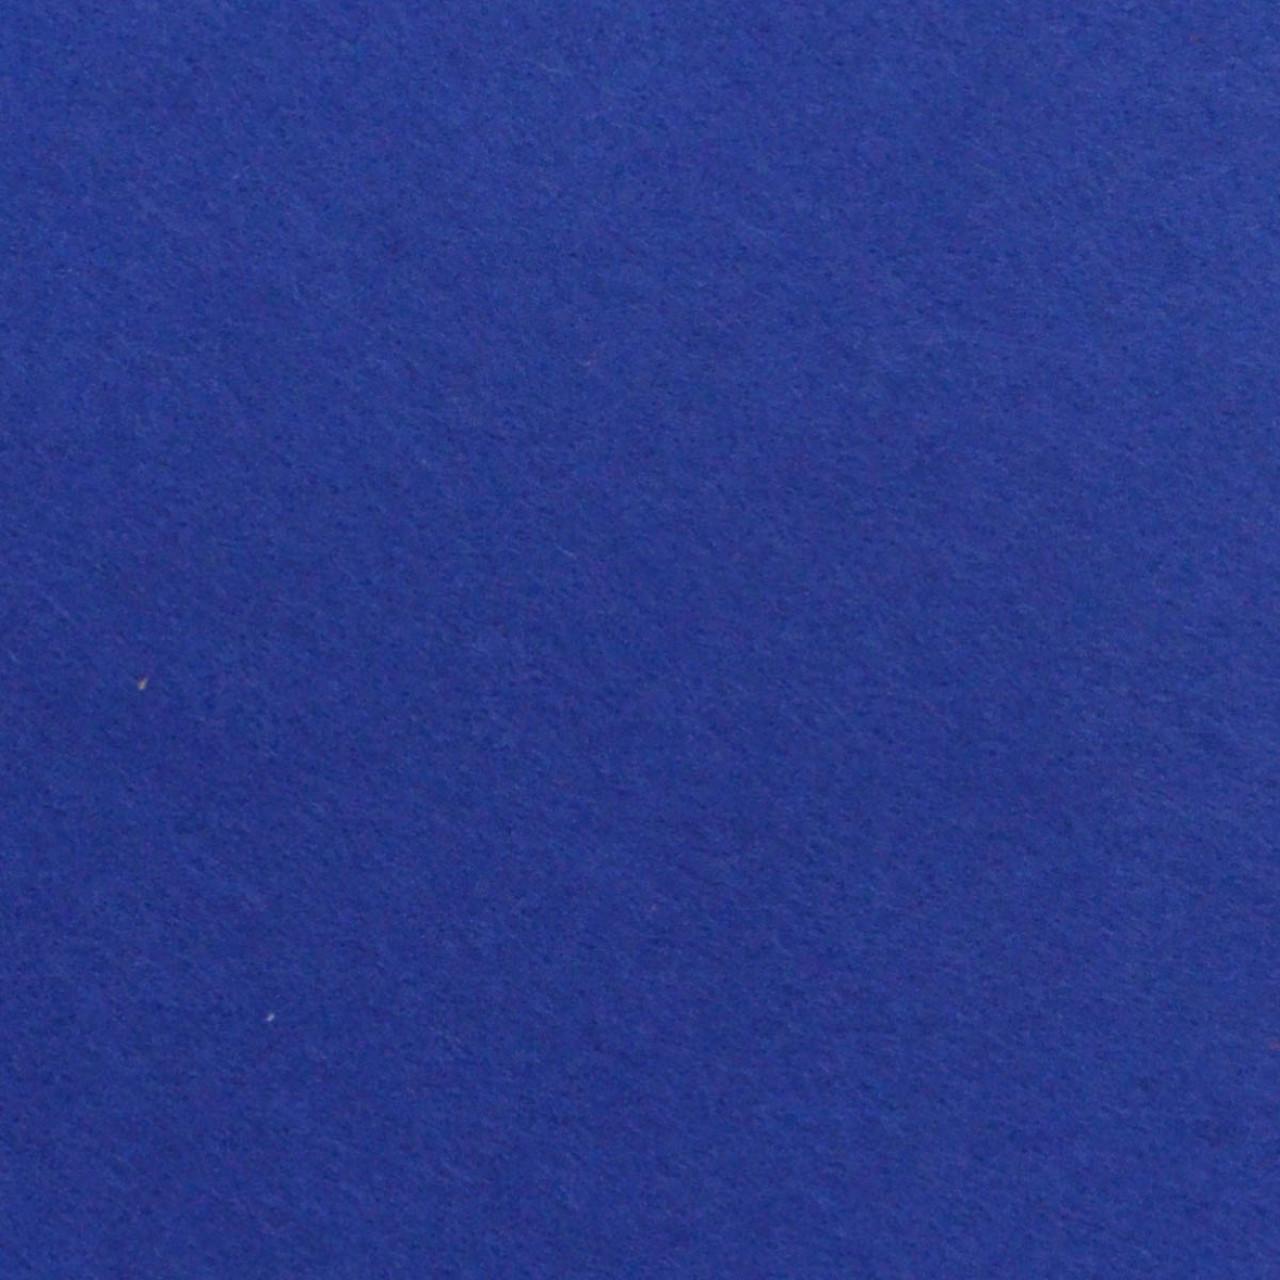 Фетр  жотсткий темно- синій  21*30см (10л) Santi